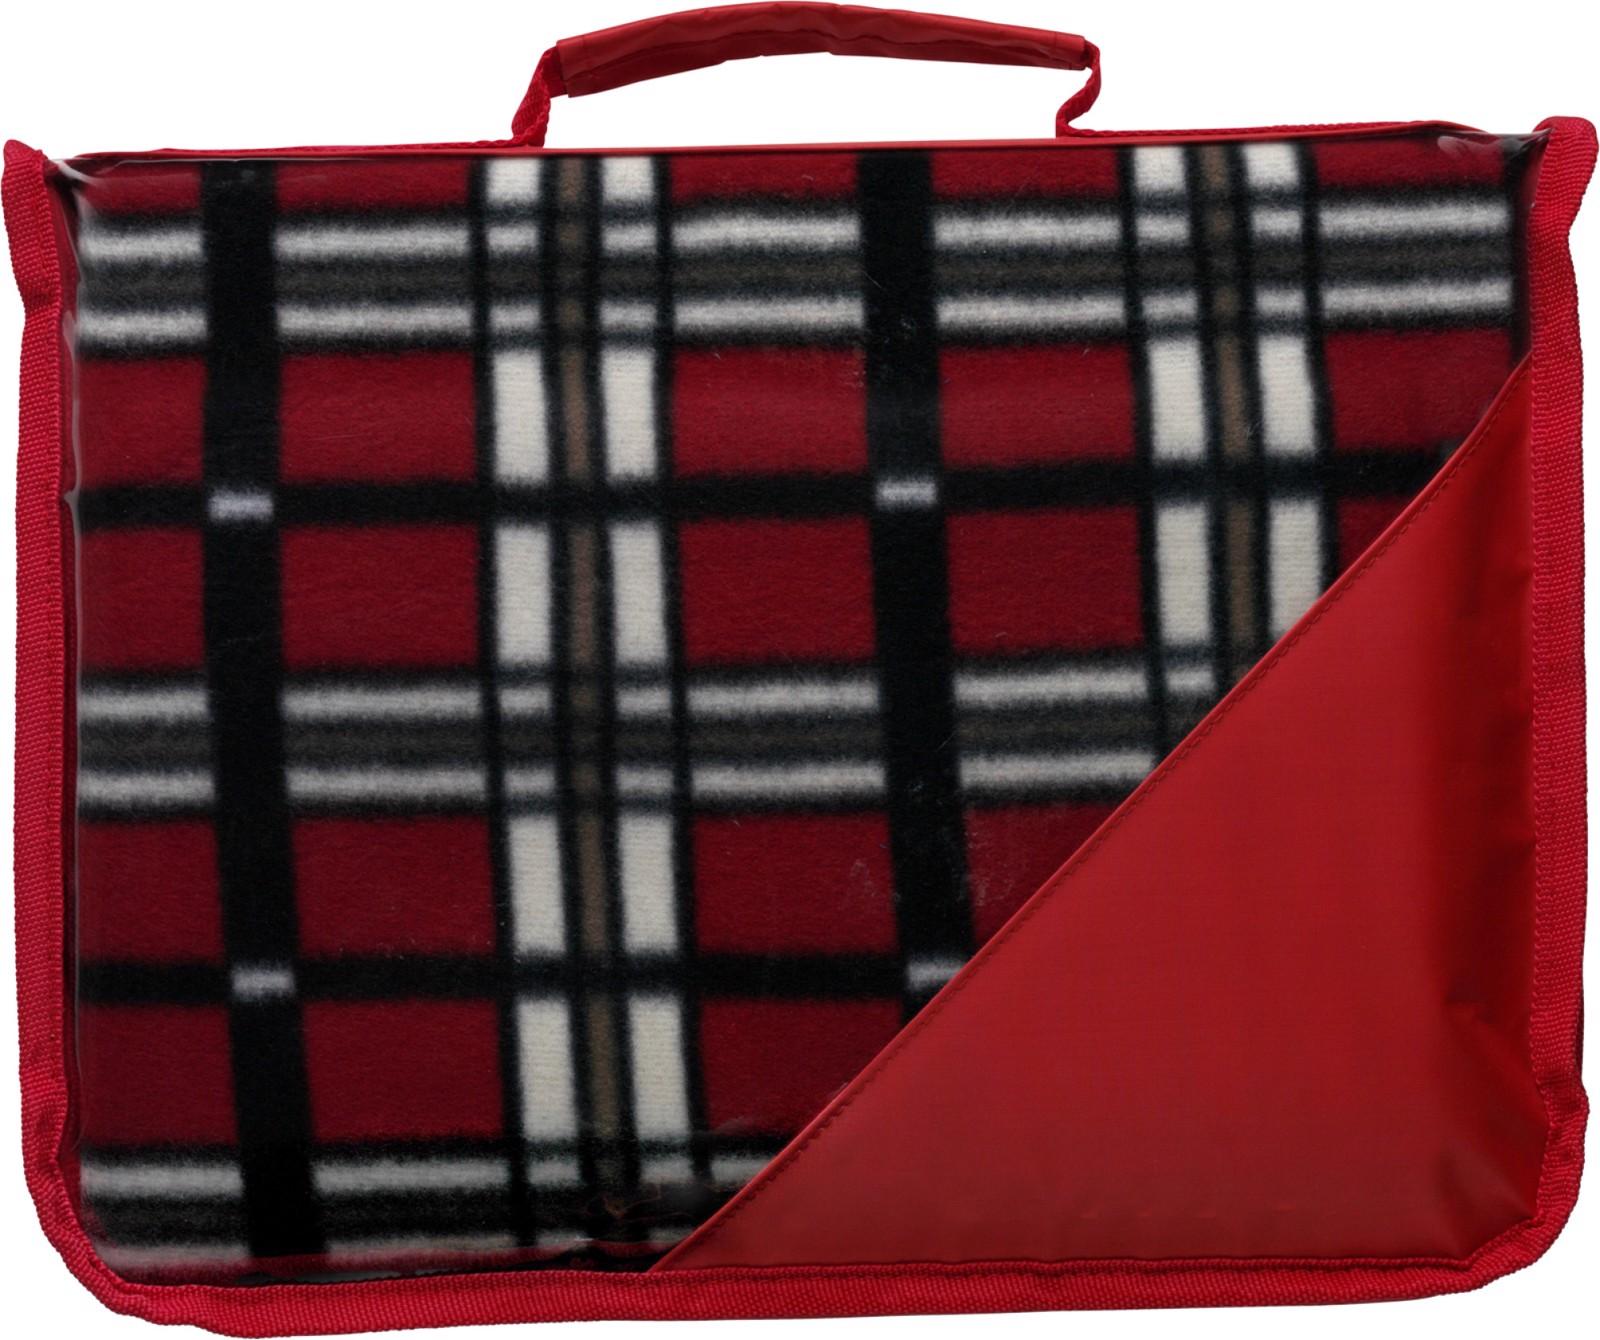 Fleece (150 gr/m²) blanket in pouch - Red